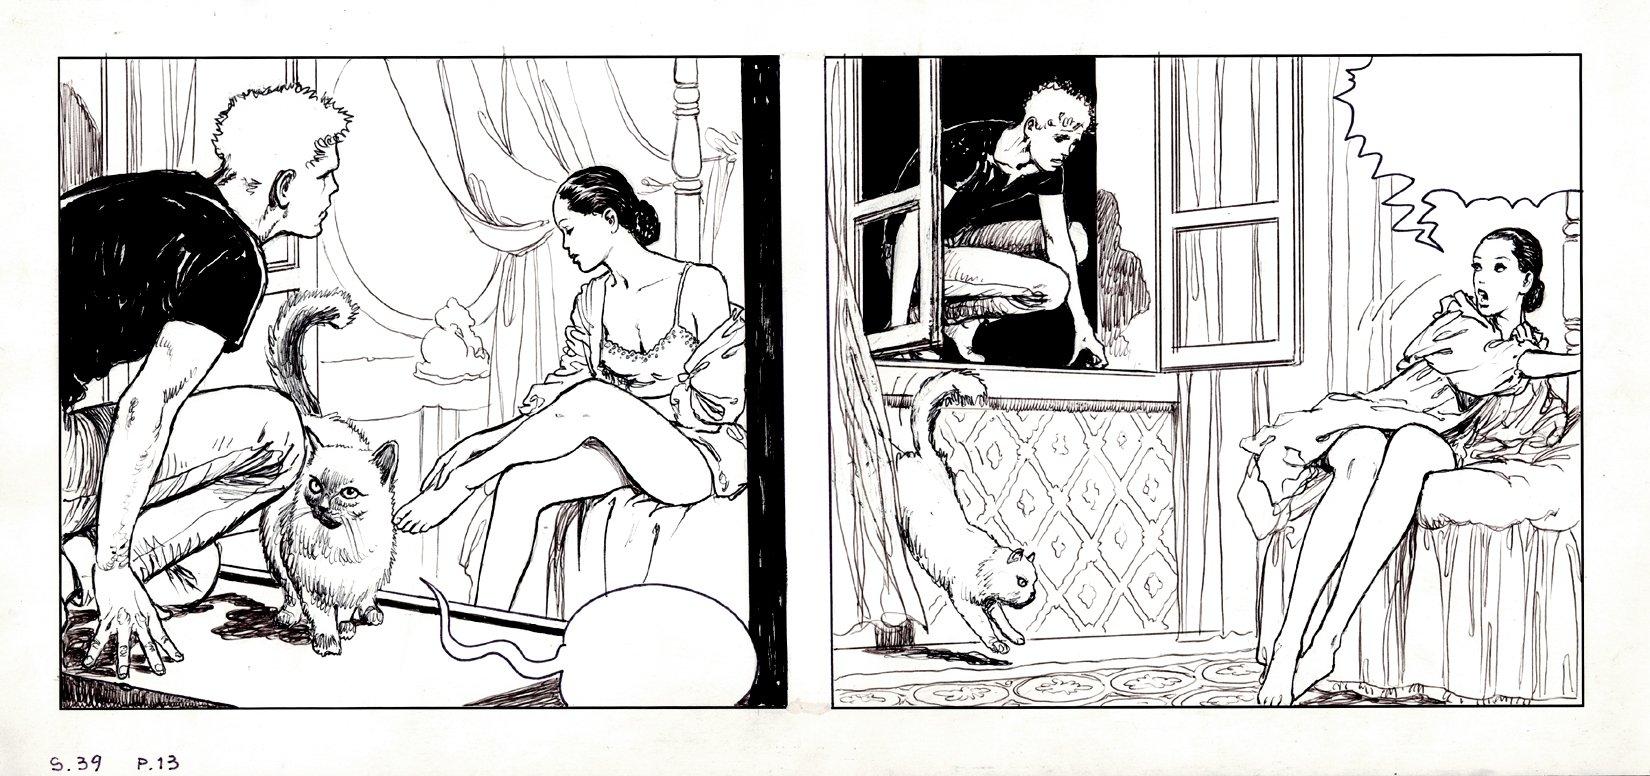 Manara, Milo - Il Gioco 4 (Click 4 Le Declic 4 Strip S39 P13, Ms. Claudia Cristiani)